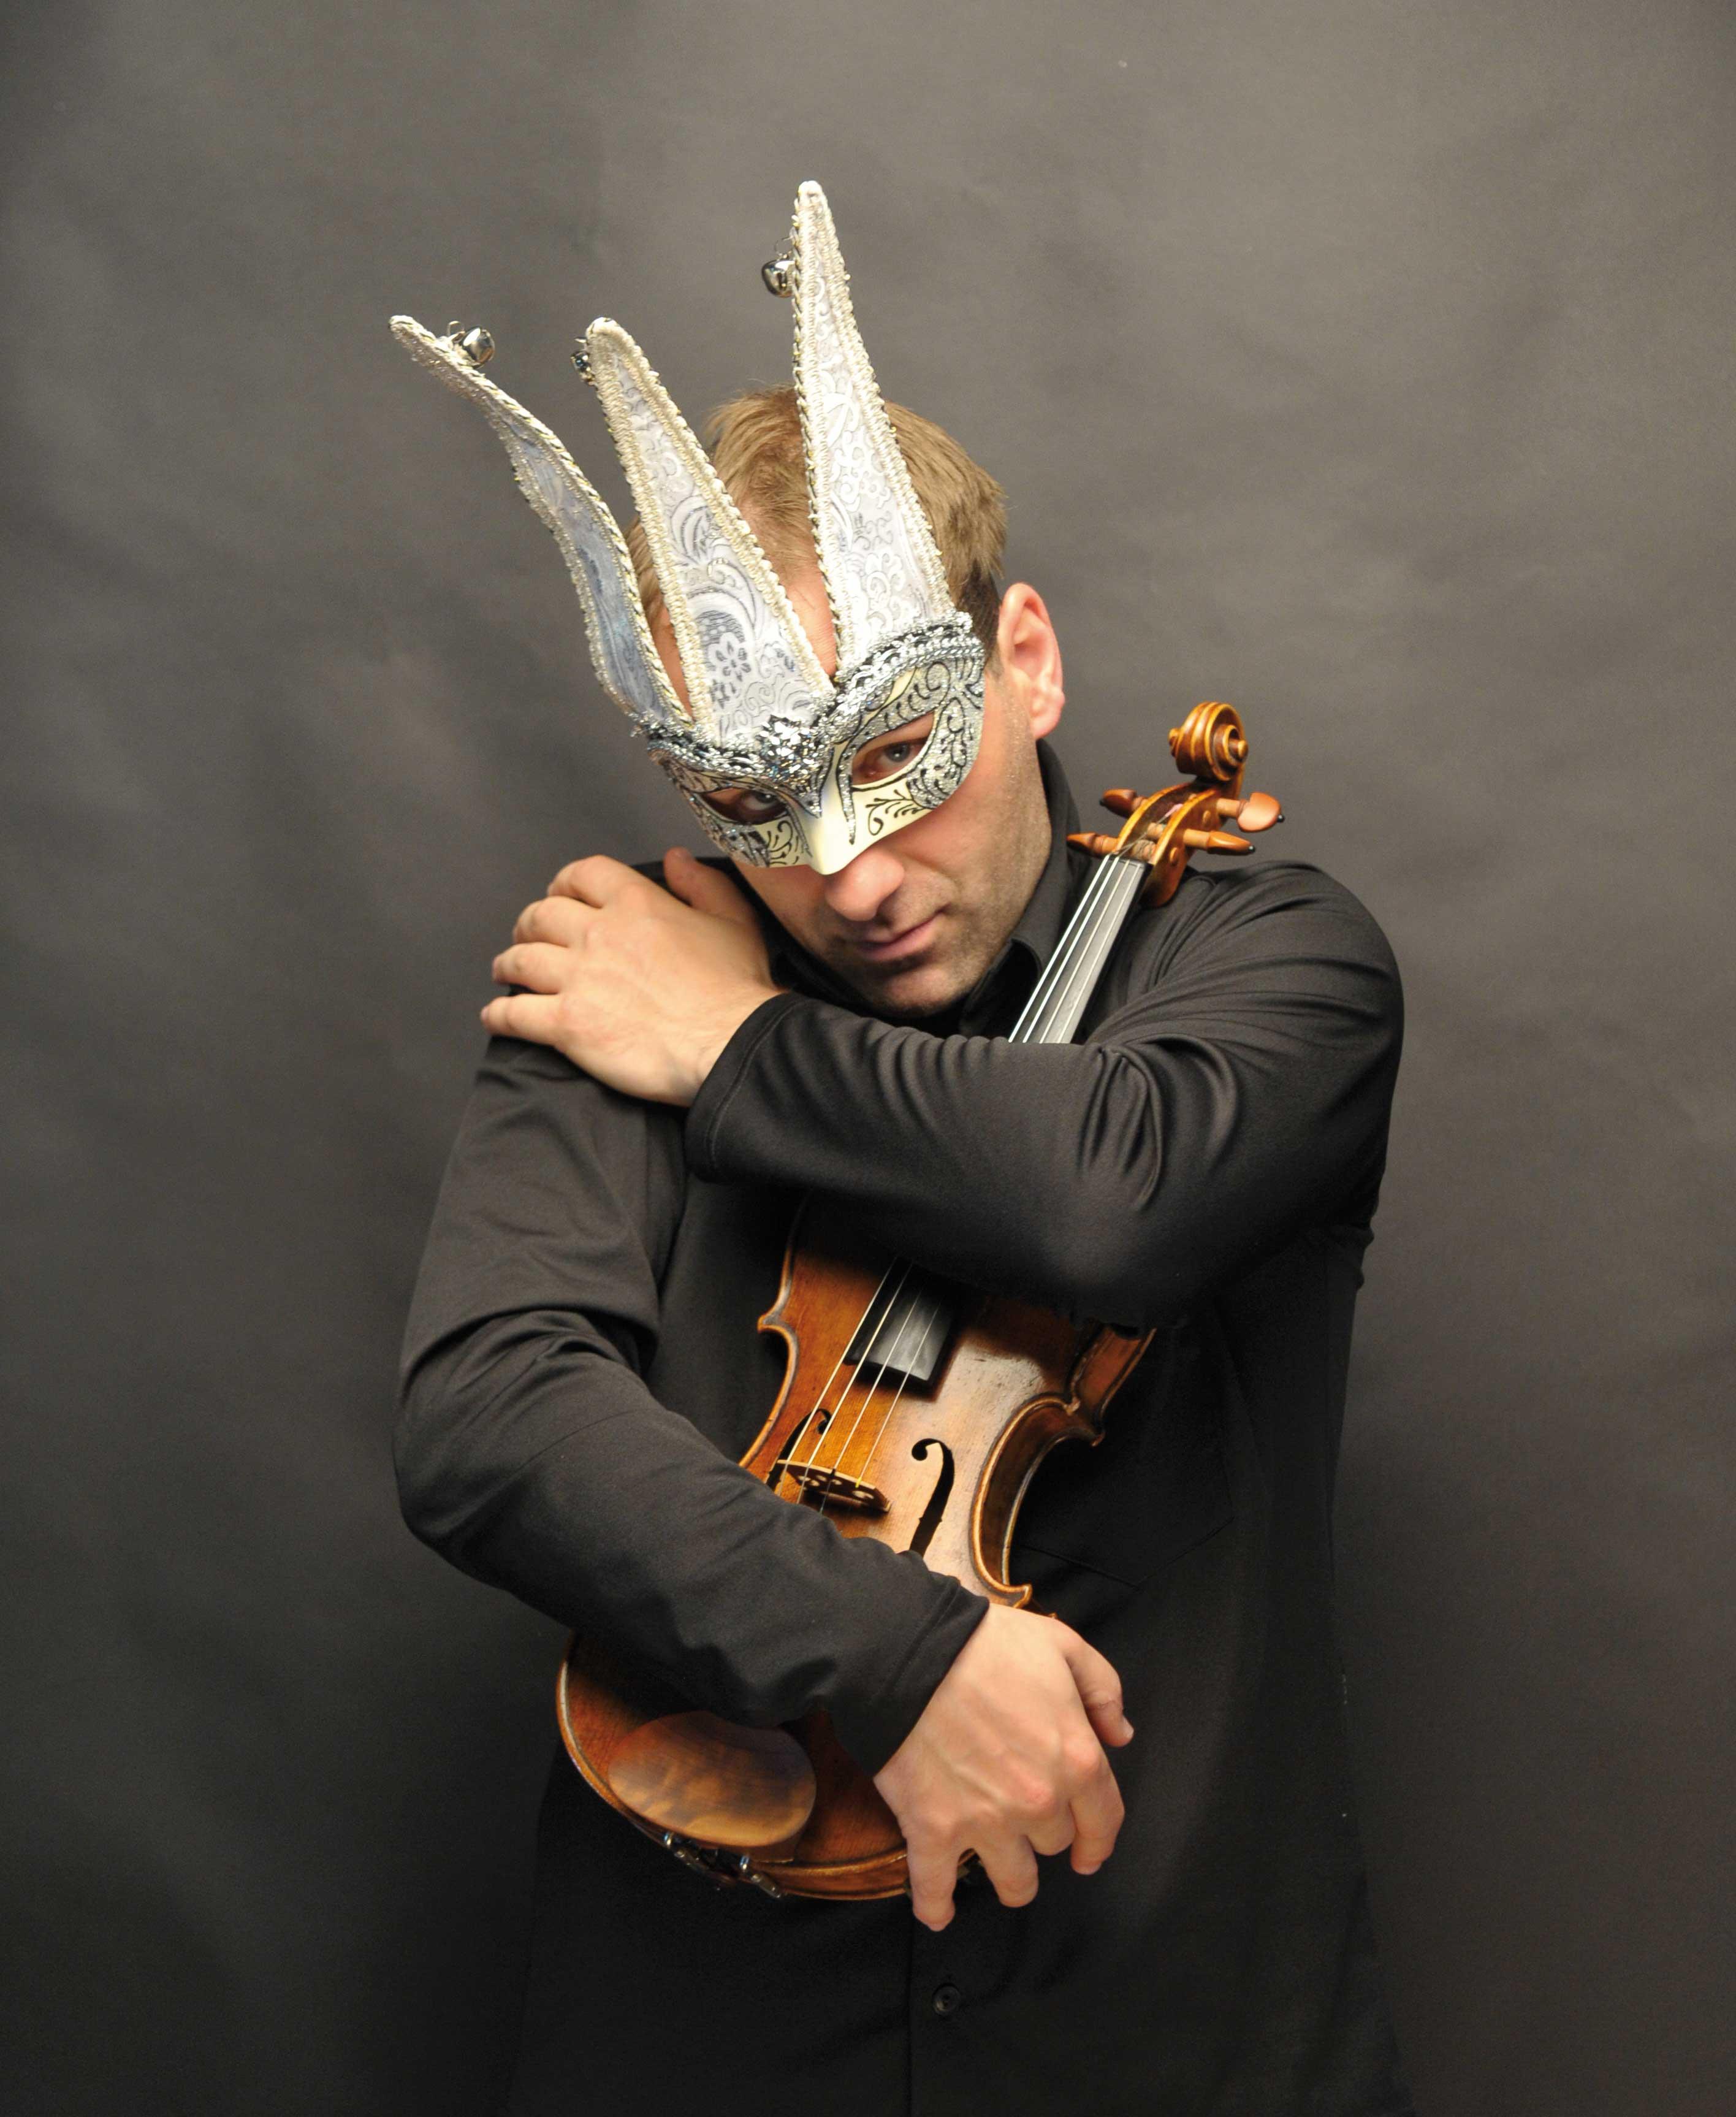 Teufelsgeiger, Maske, Geige